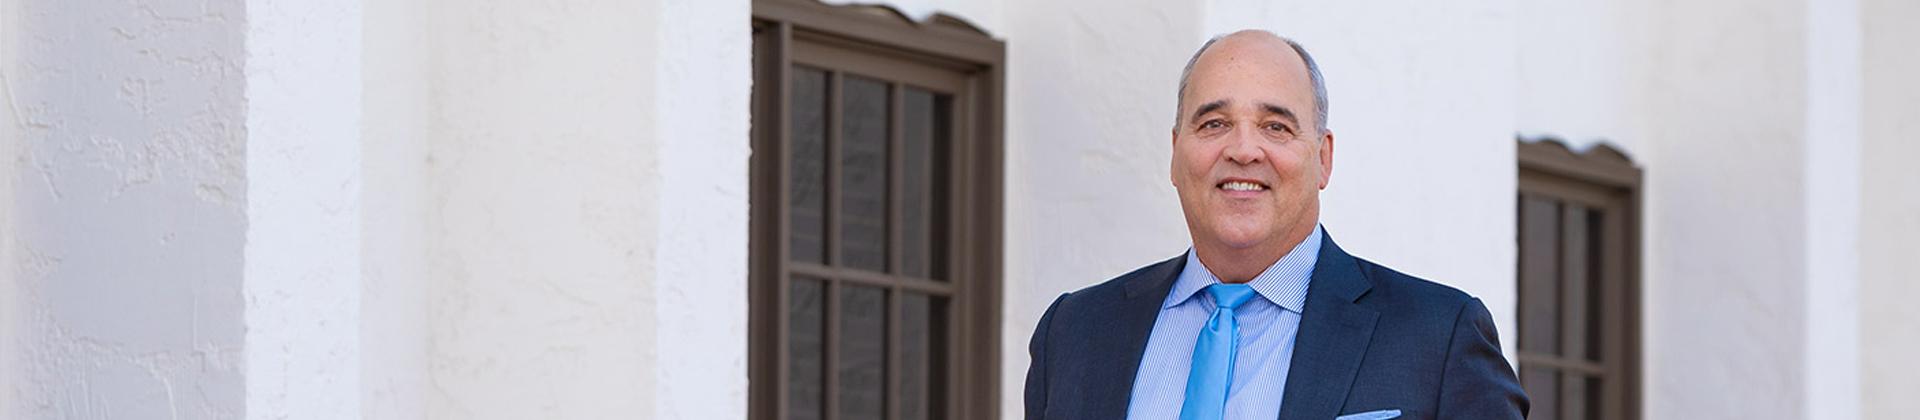 Chancellor Michael Cunningham